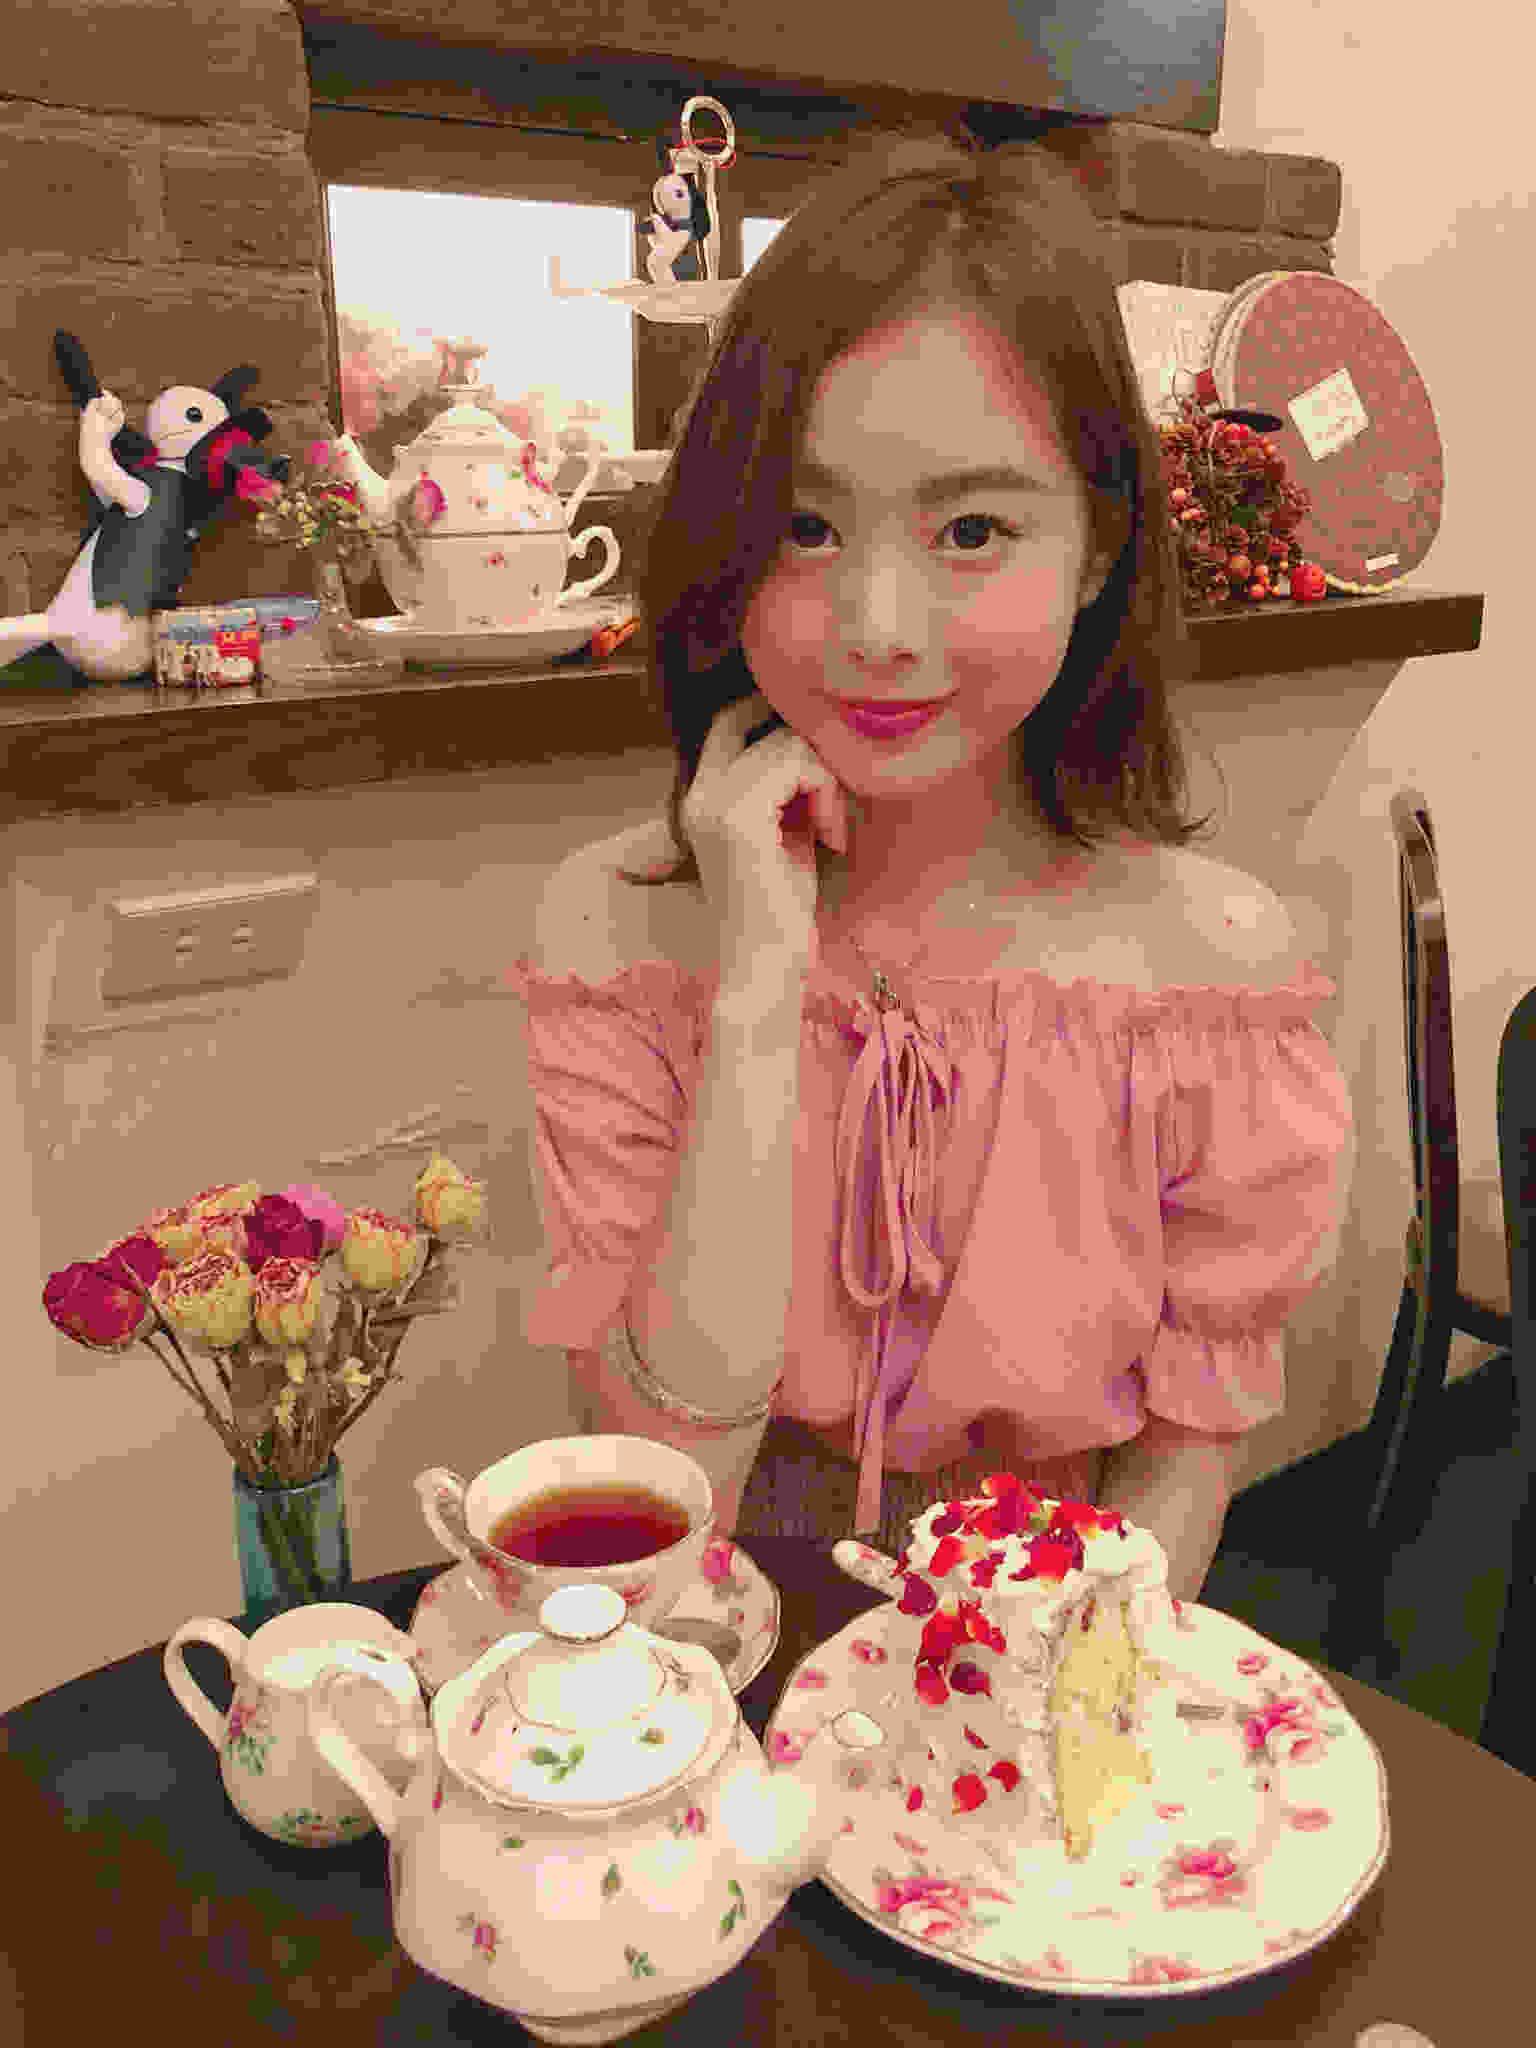 【目白】バラづくしの可愛いフランス風喫茶店「カフェアリコット」